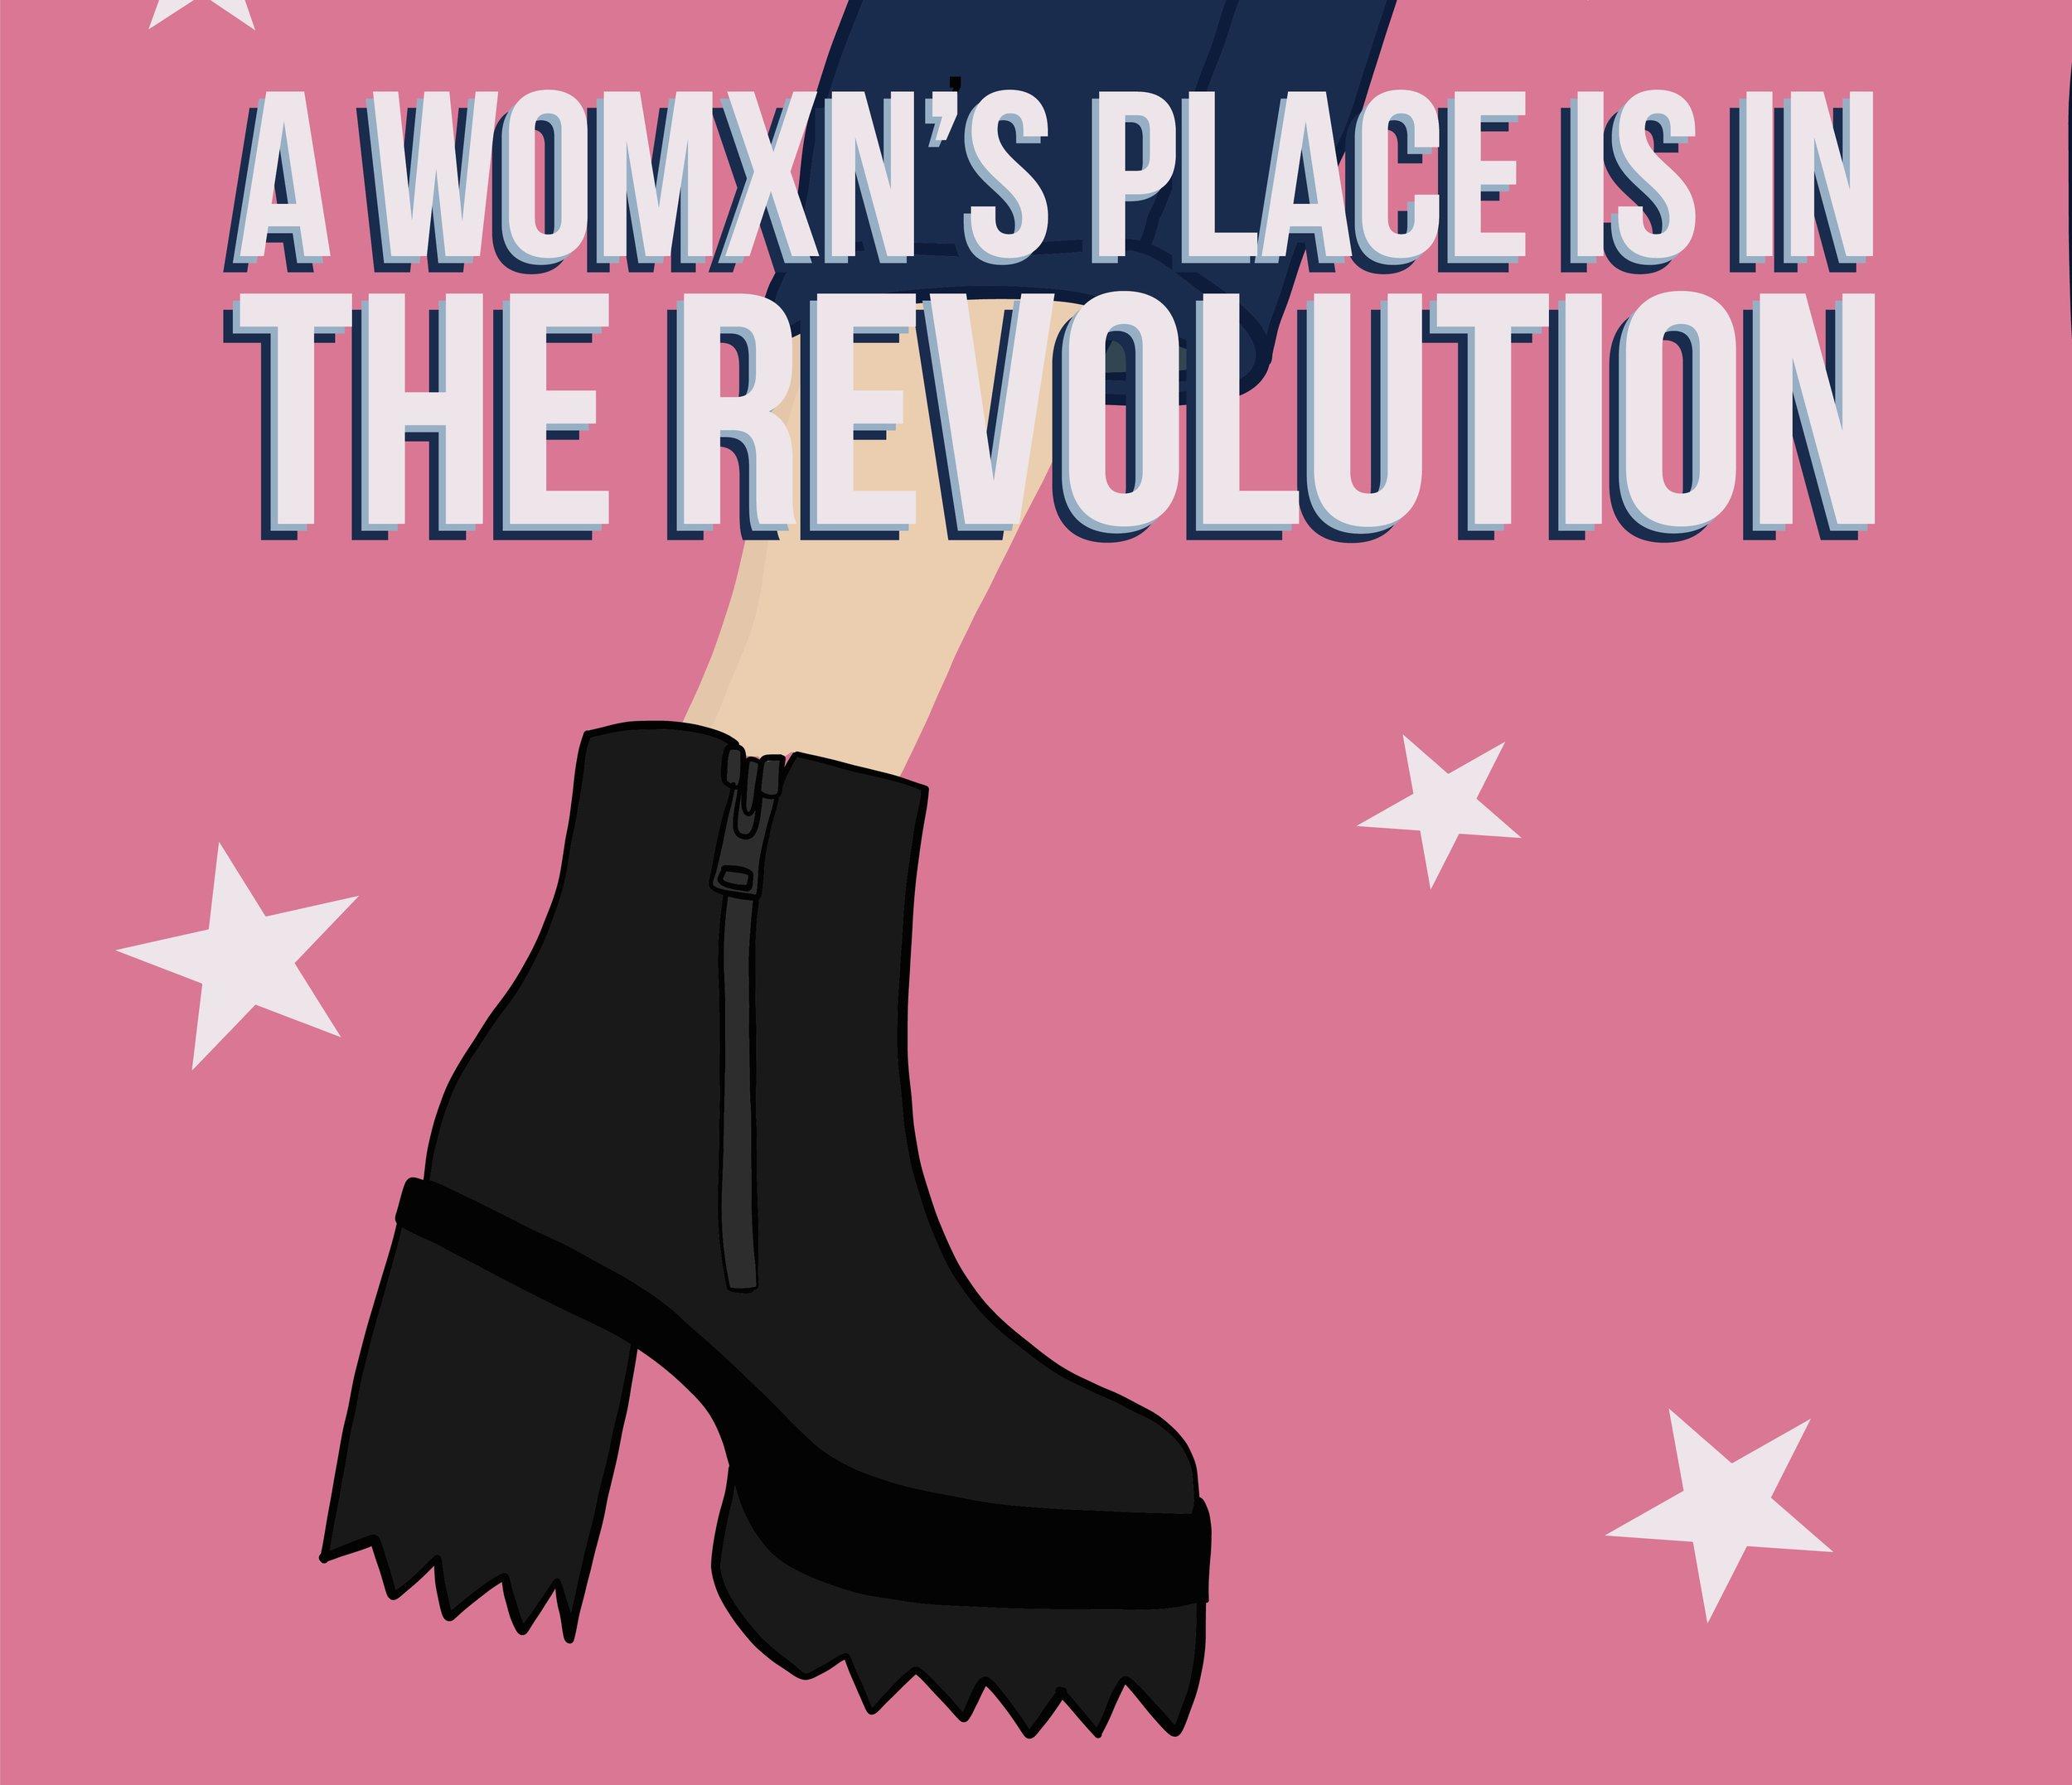 revolution1_pink.jpg